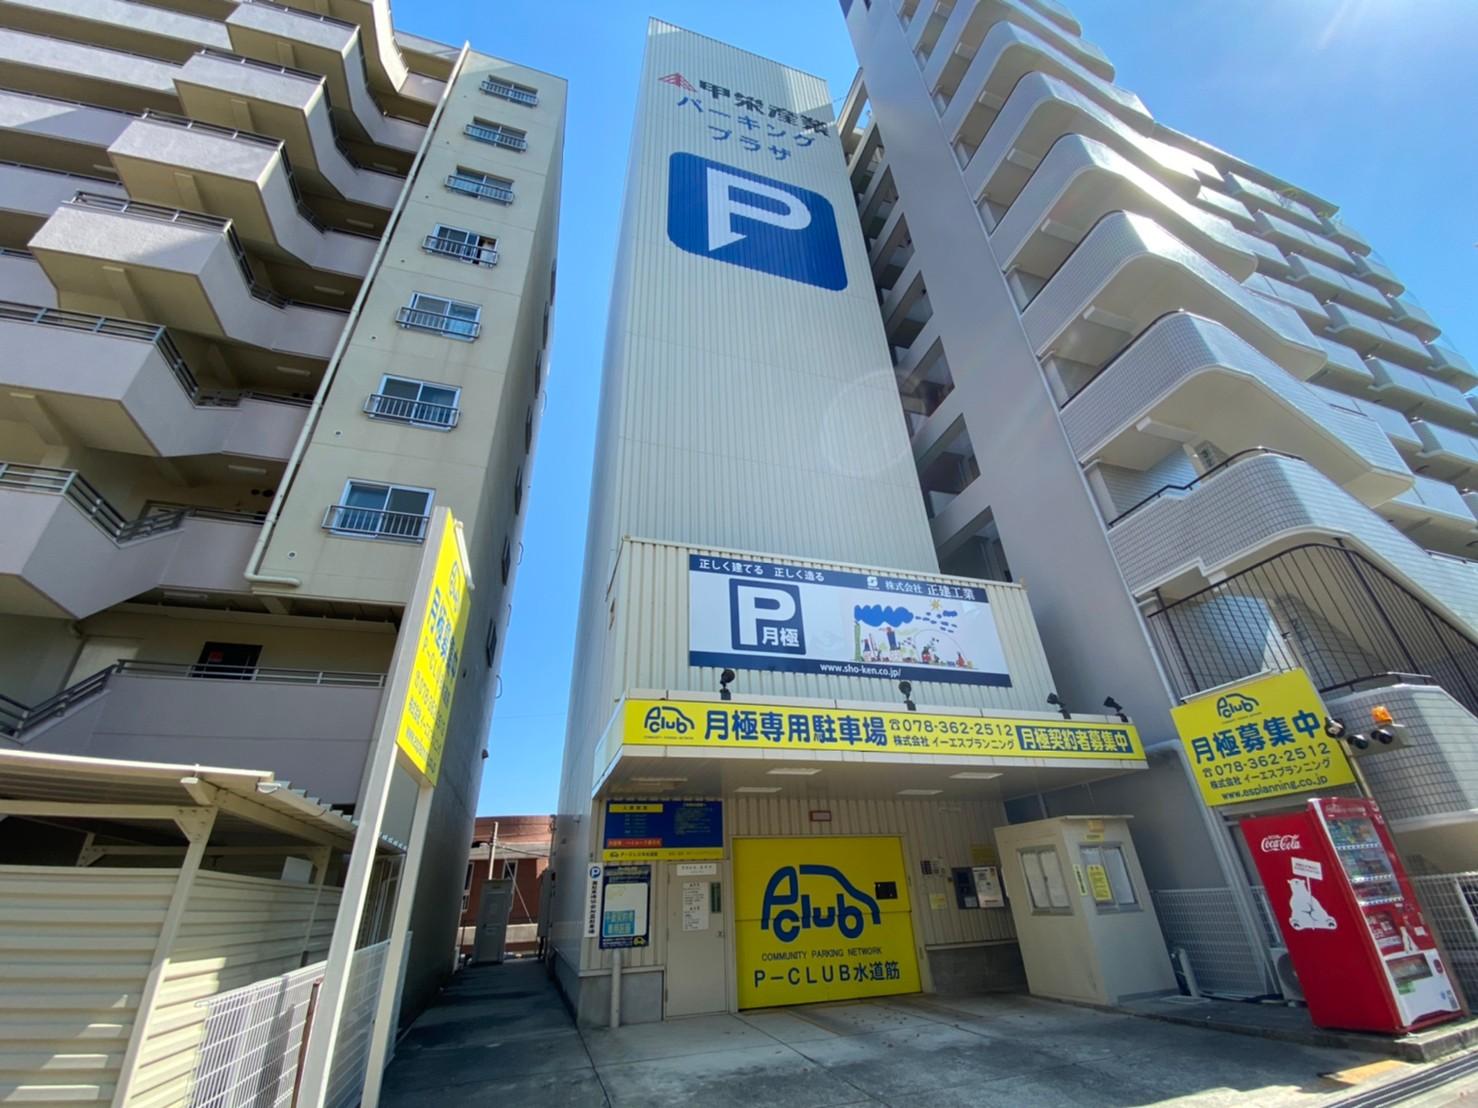 P-CLUB水道筋